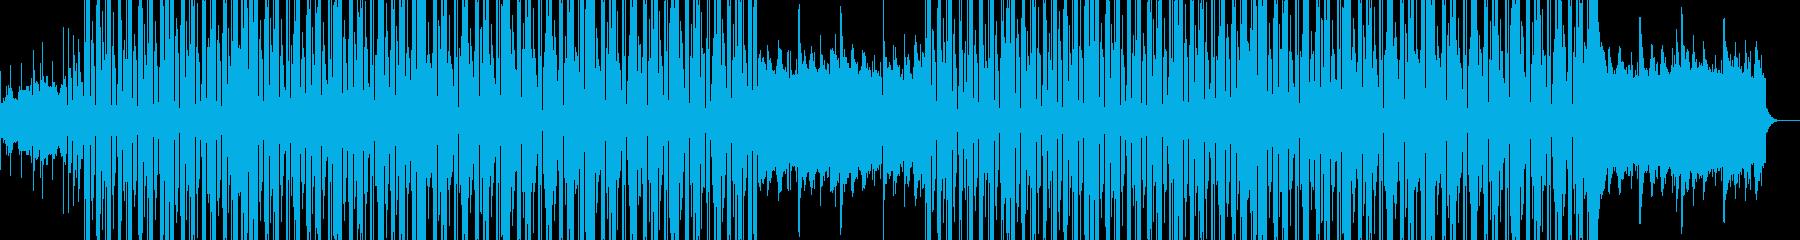 切ない 悲しい ヒップホップ 失恋 PVの再生済みの波形